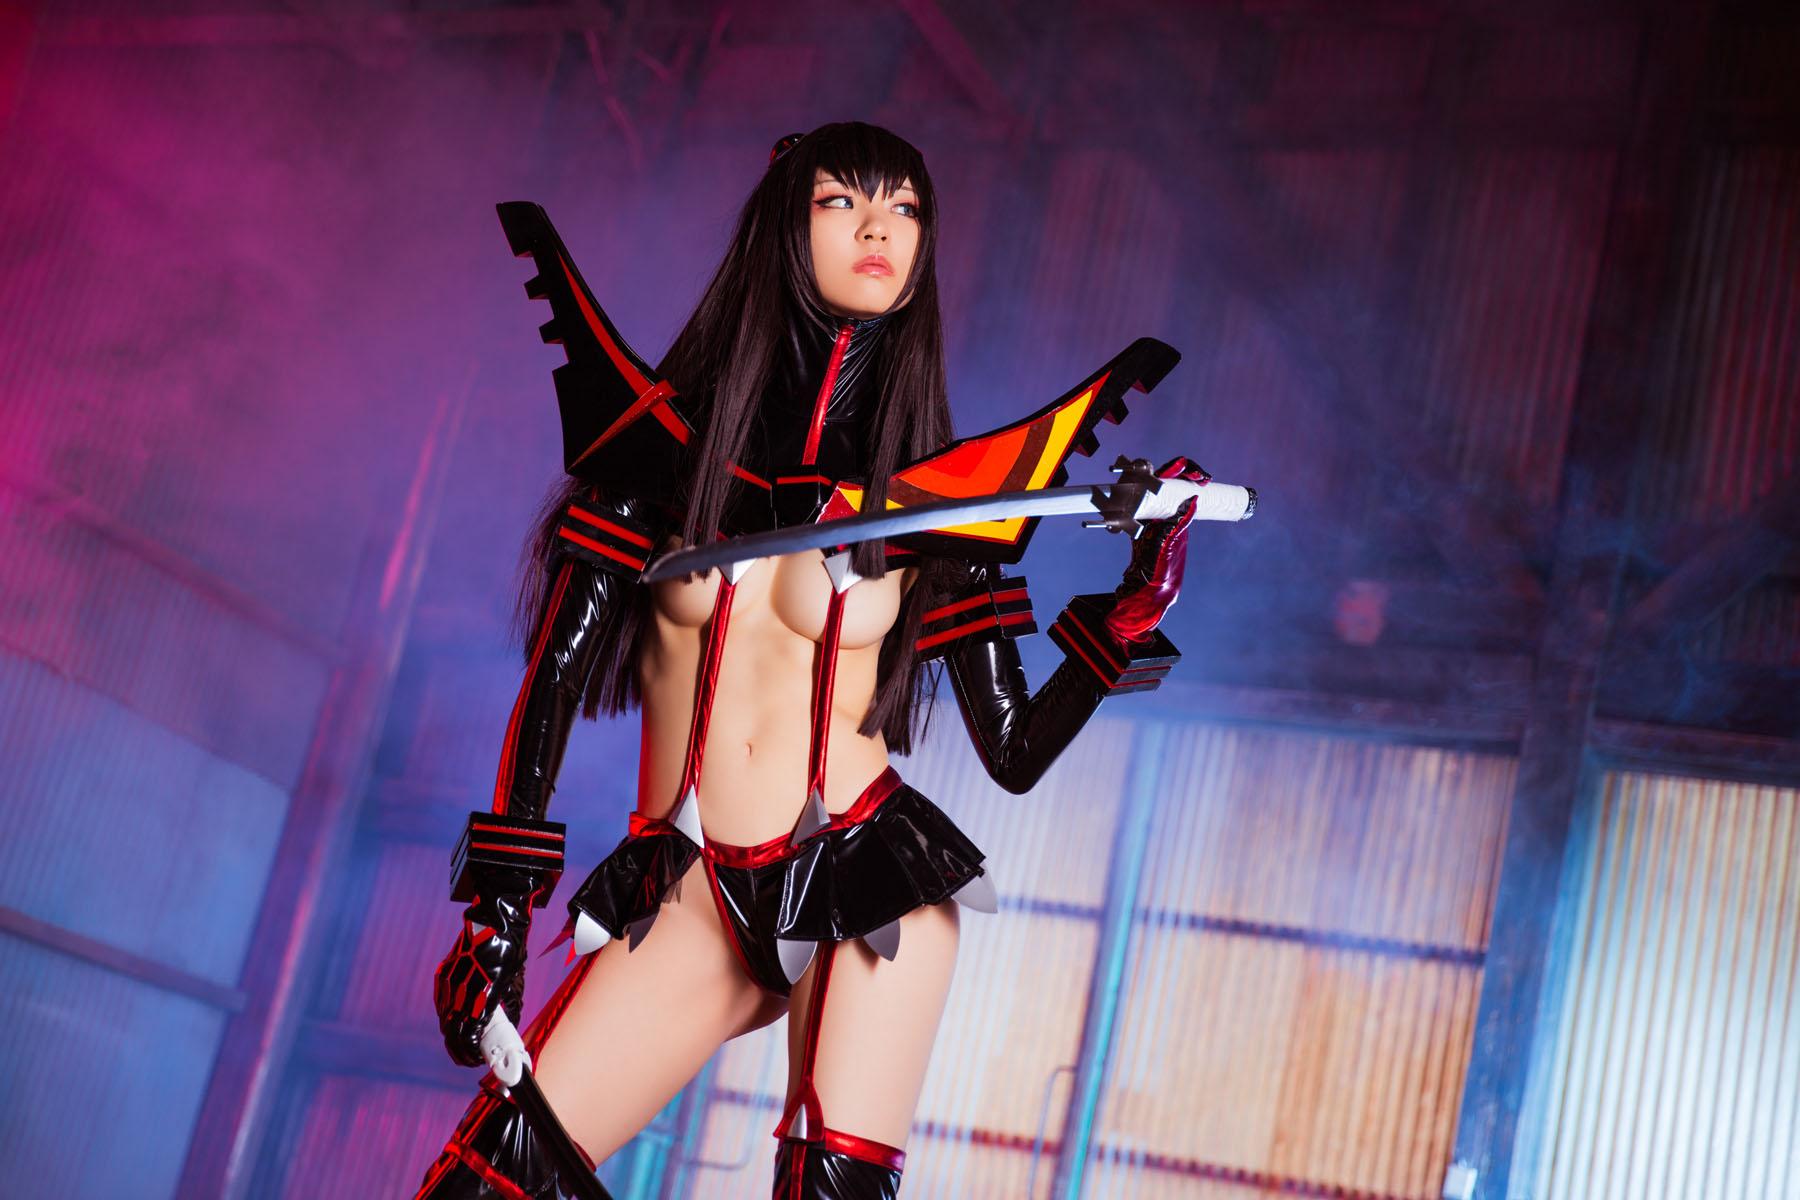 Kill la Kill Satsuki Kiryuuin anime cosplay by Mikehouse 0033